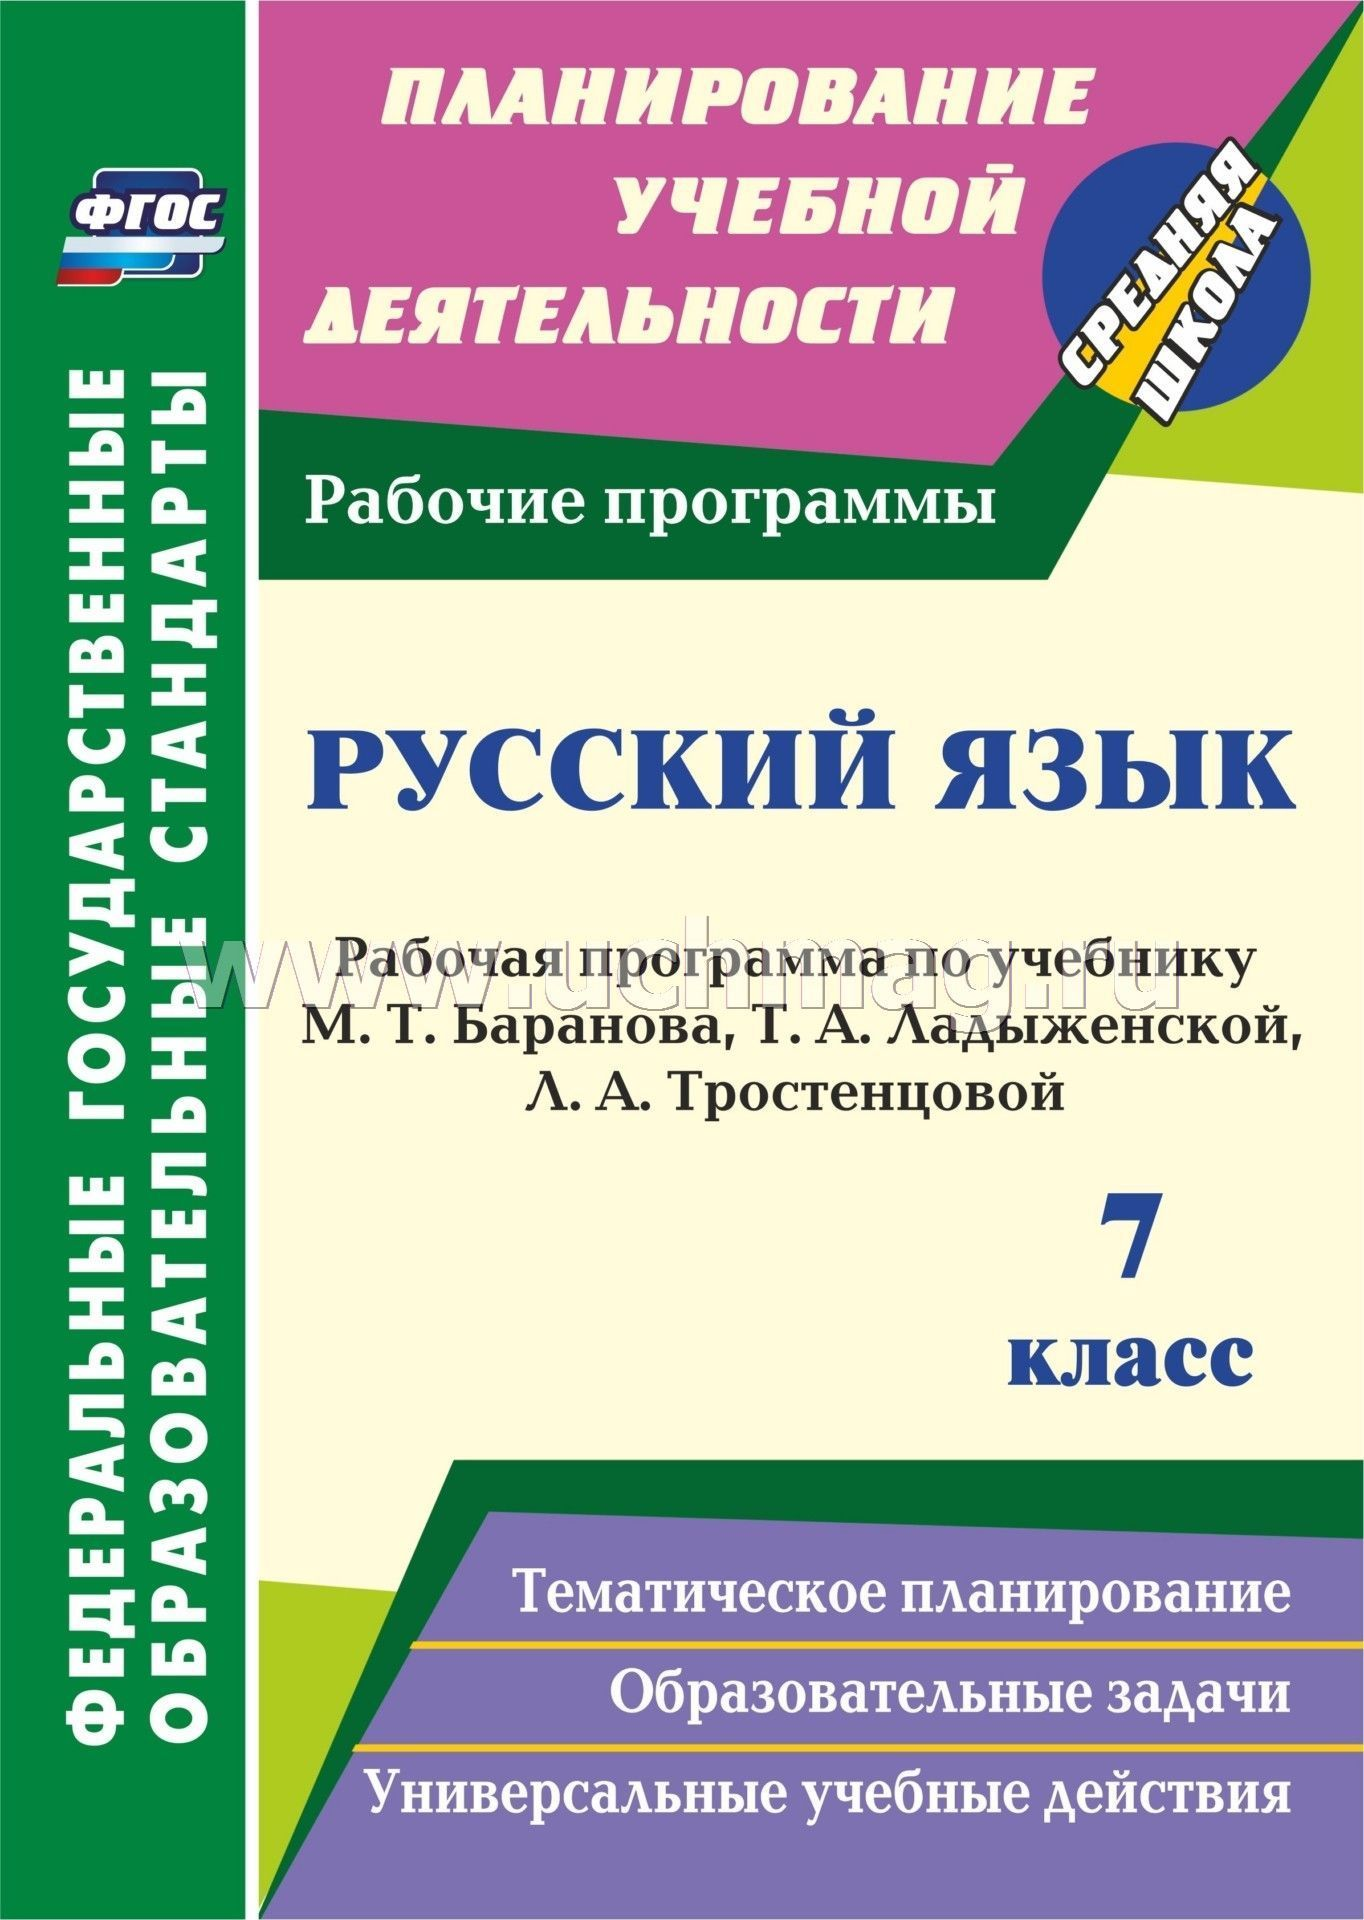 Календарно-тематические планирование по учебнику русского языка м т барановой за 7 класс